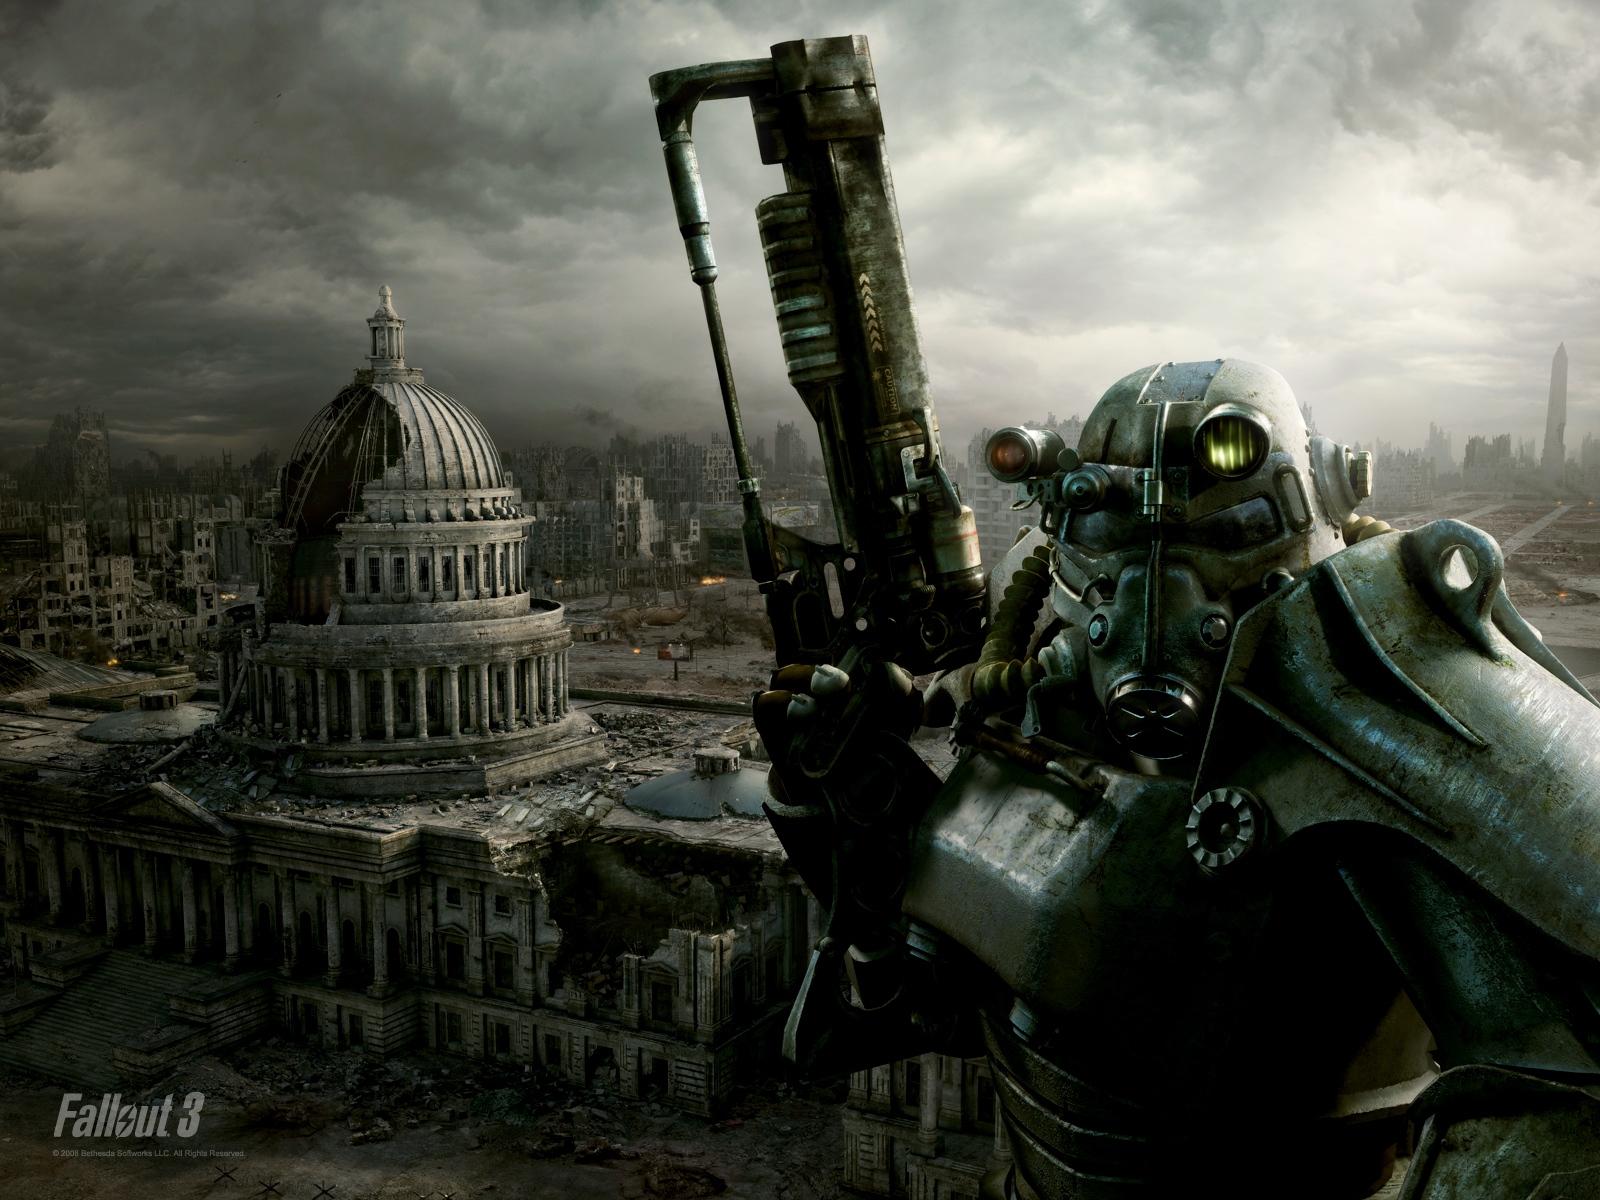 Fallout 3 HD Desktop Wallpaper 1600x1200